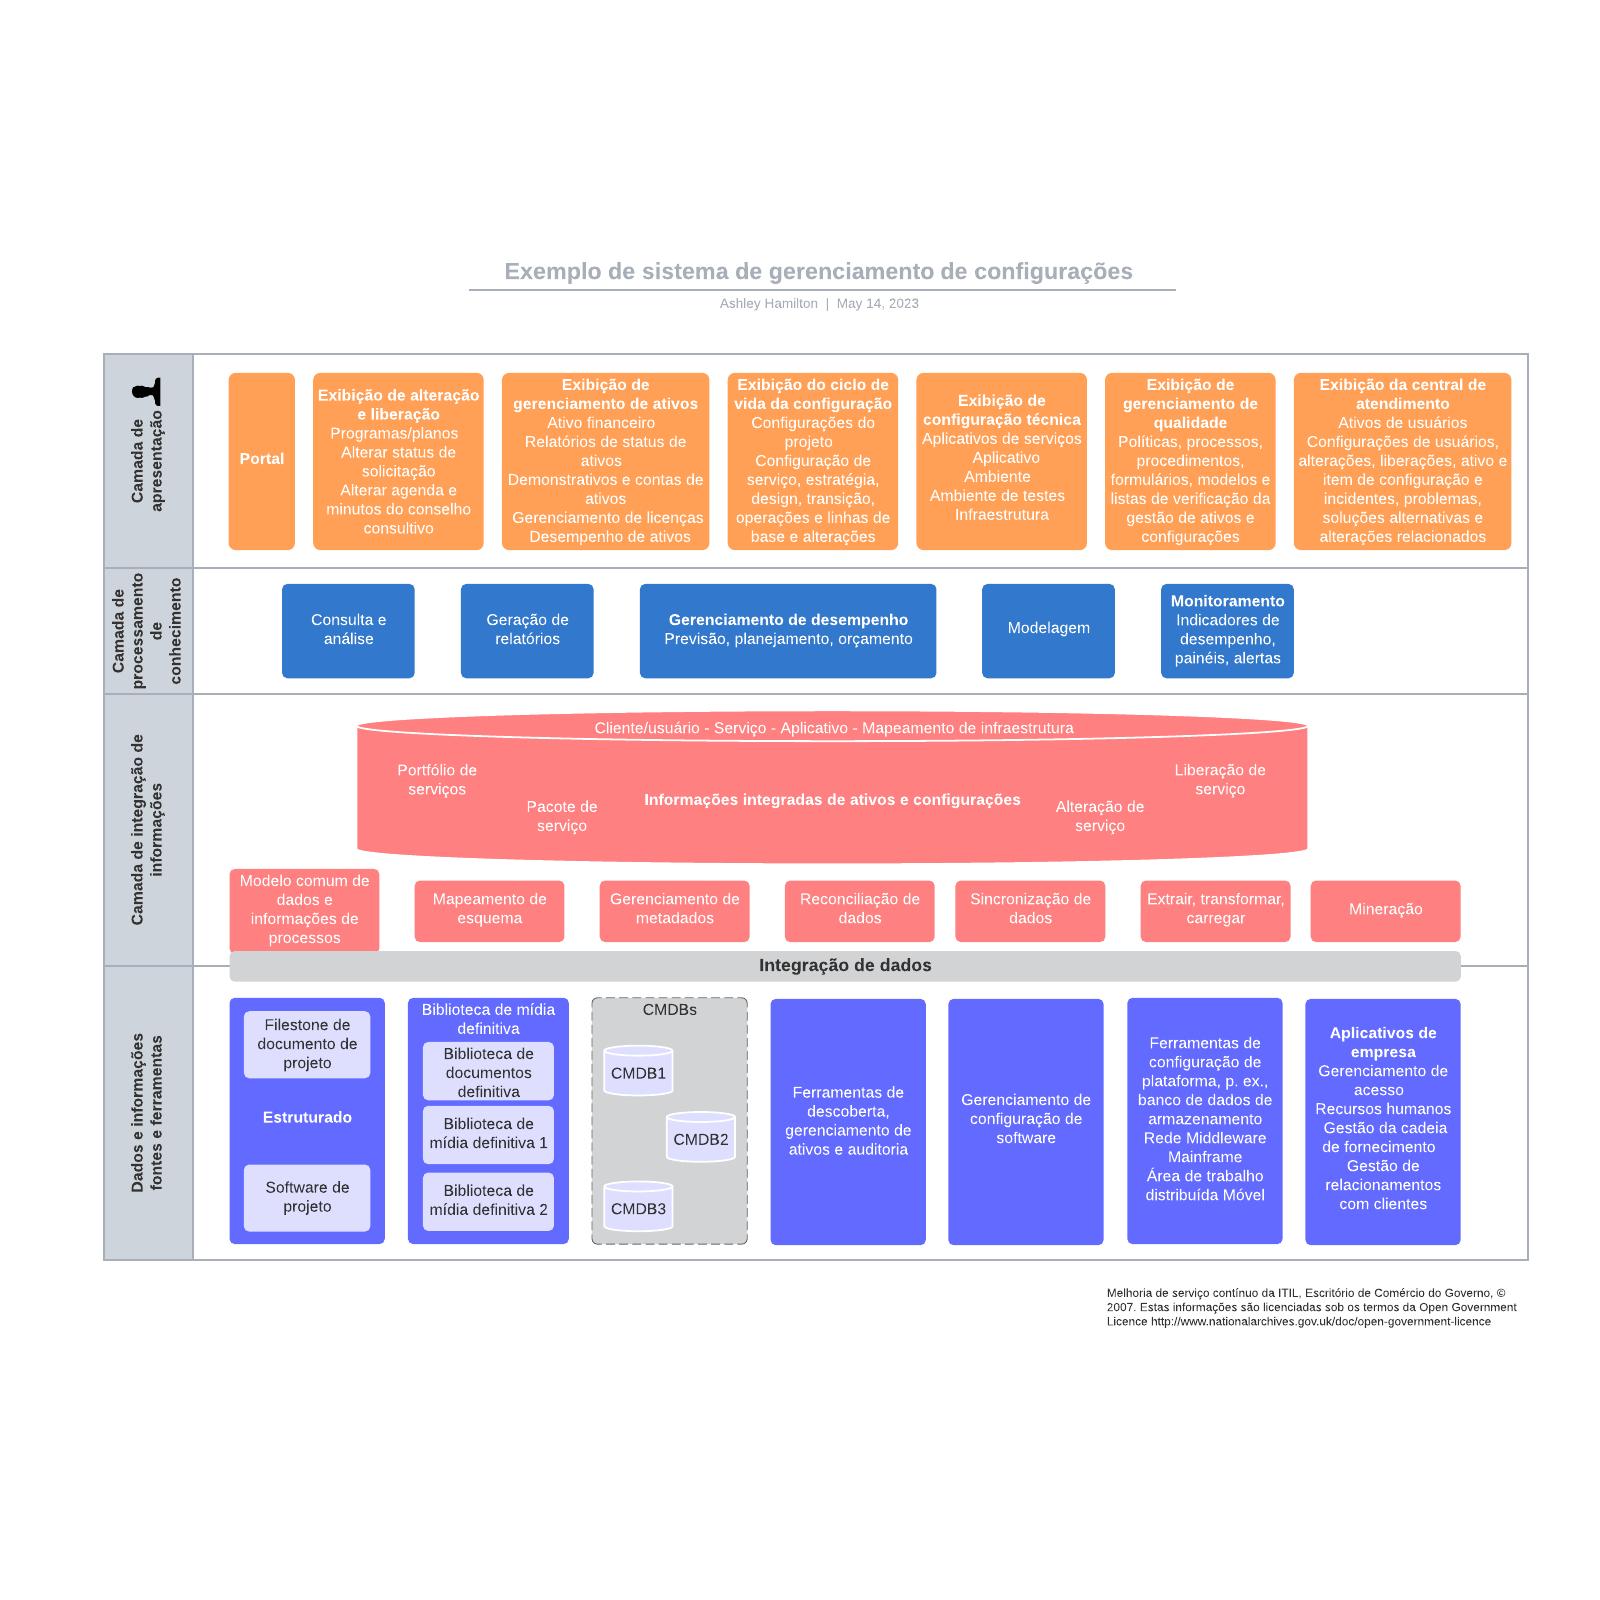 Exemplo de sistema de gerenciamento de configurações